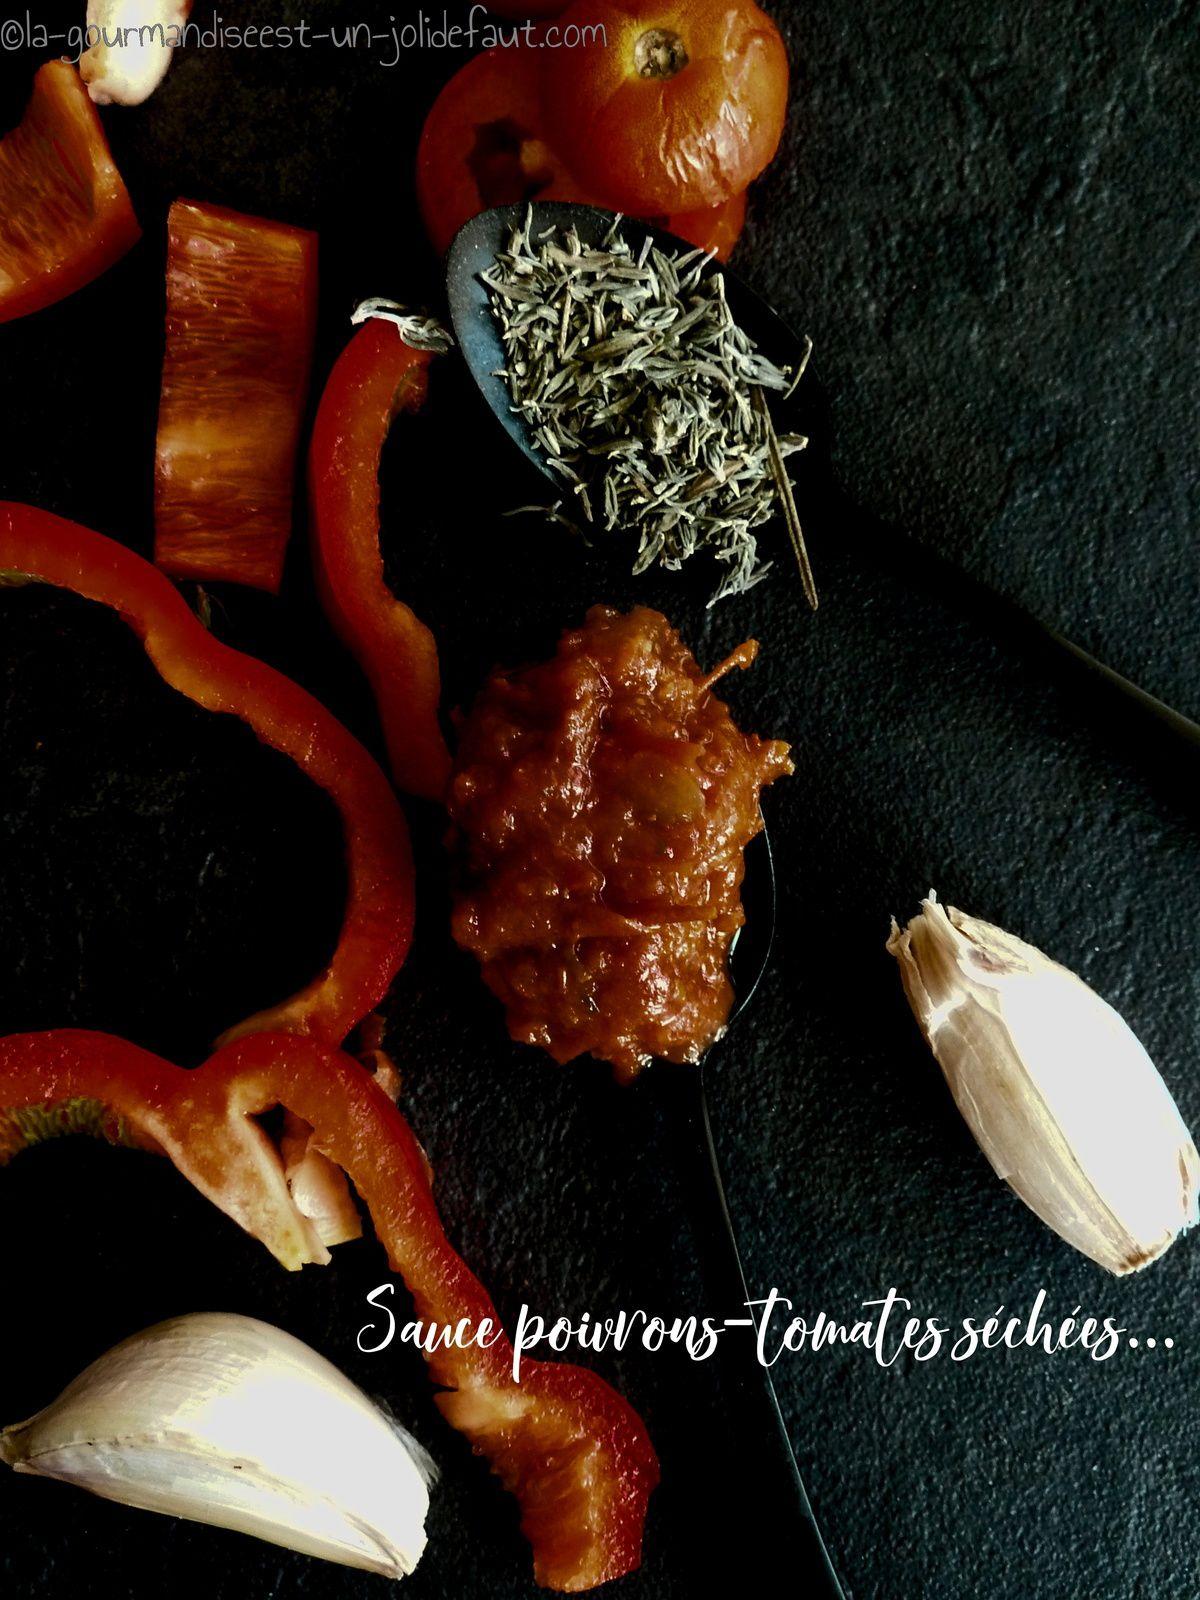 Sauce poivrons-tomates séchées {en conserve}